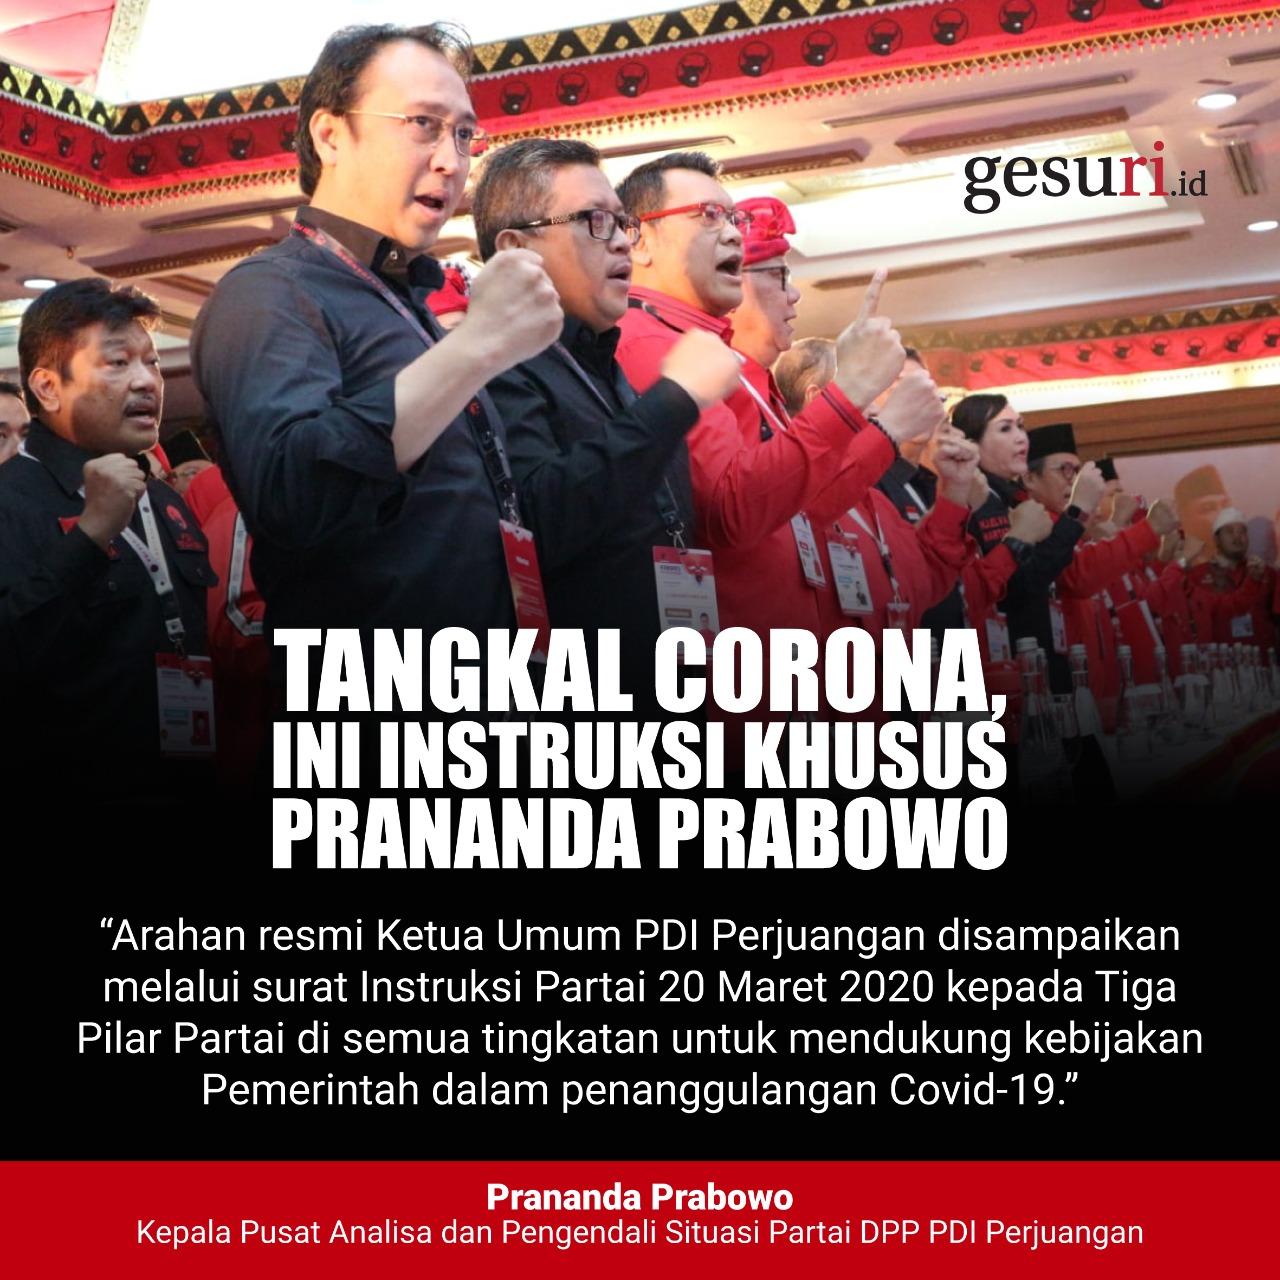 Tangkal Corona, Ini Instruksi Khusus Prananda Prabowo